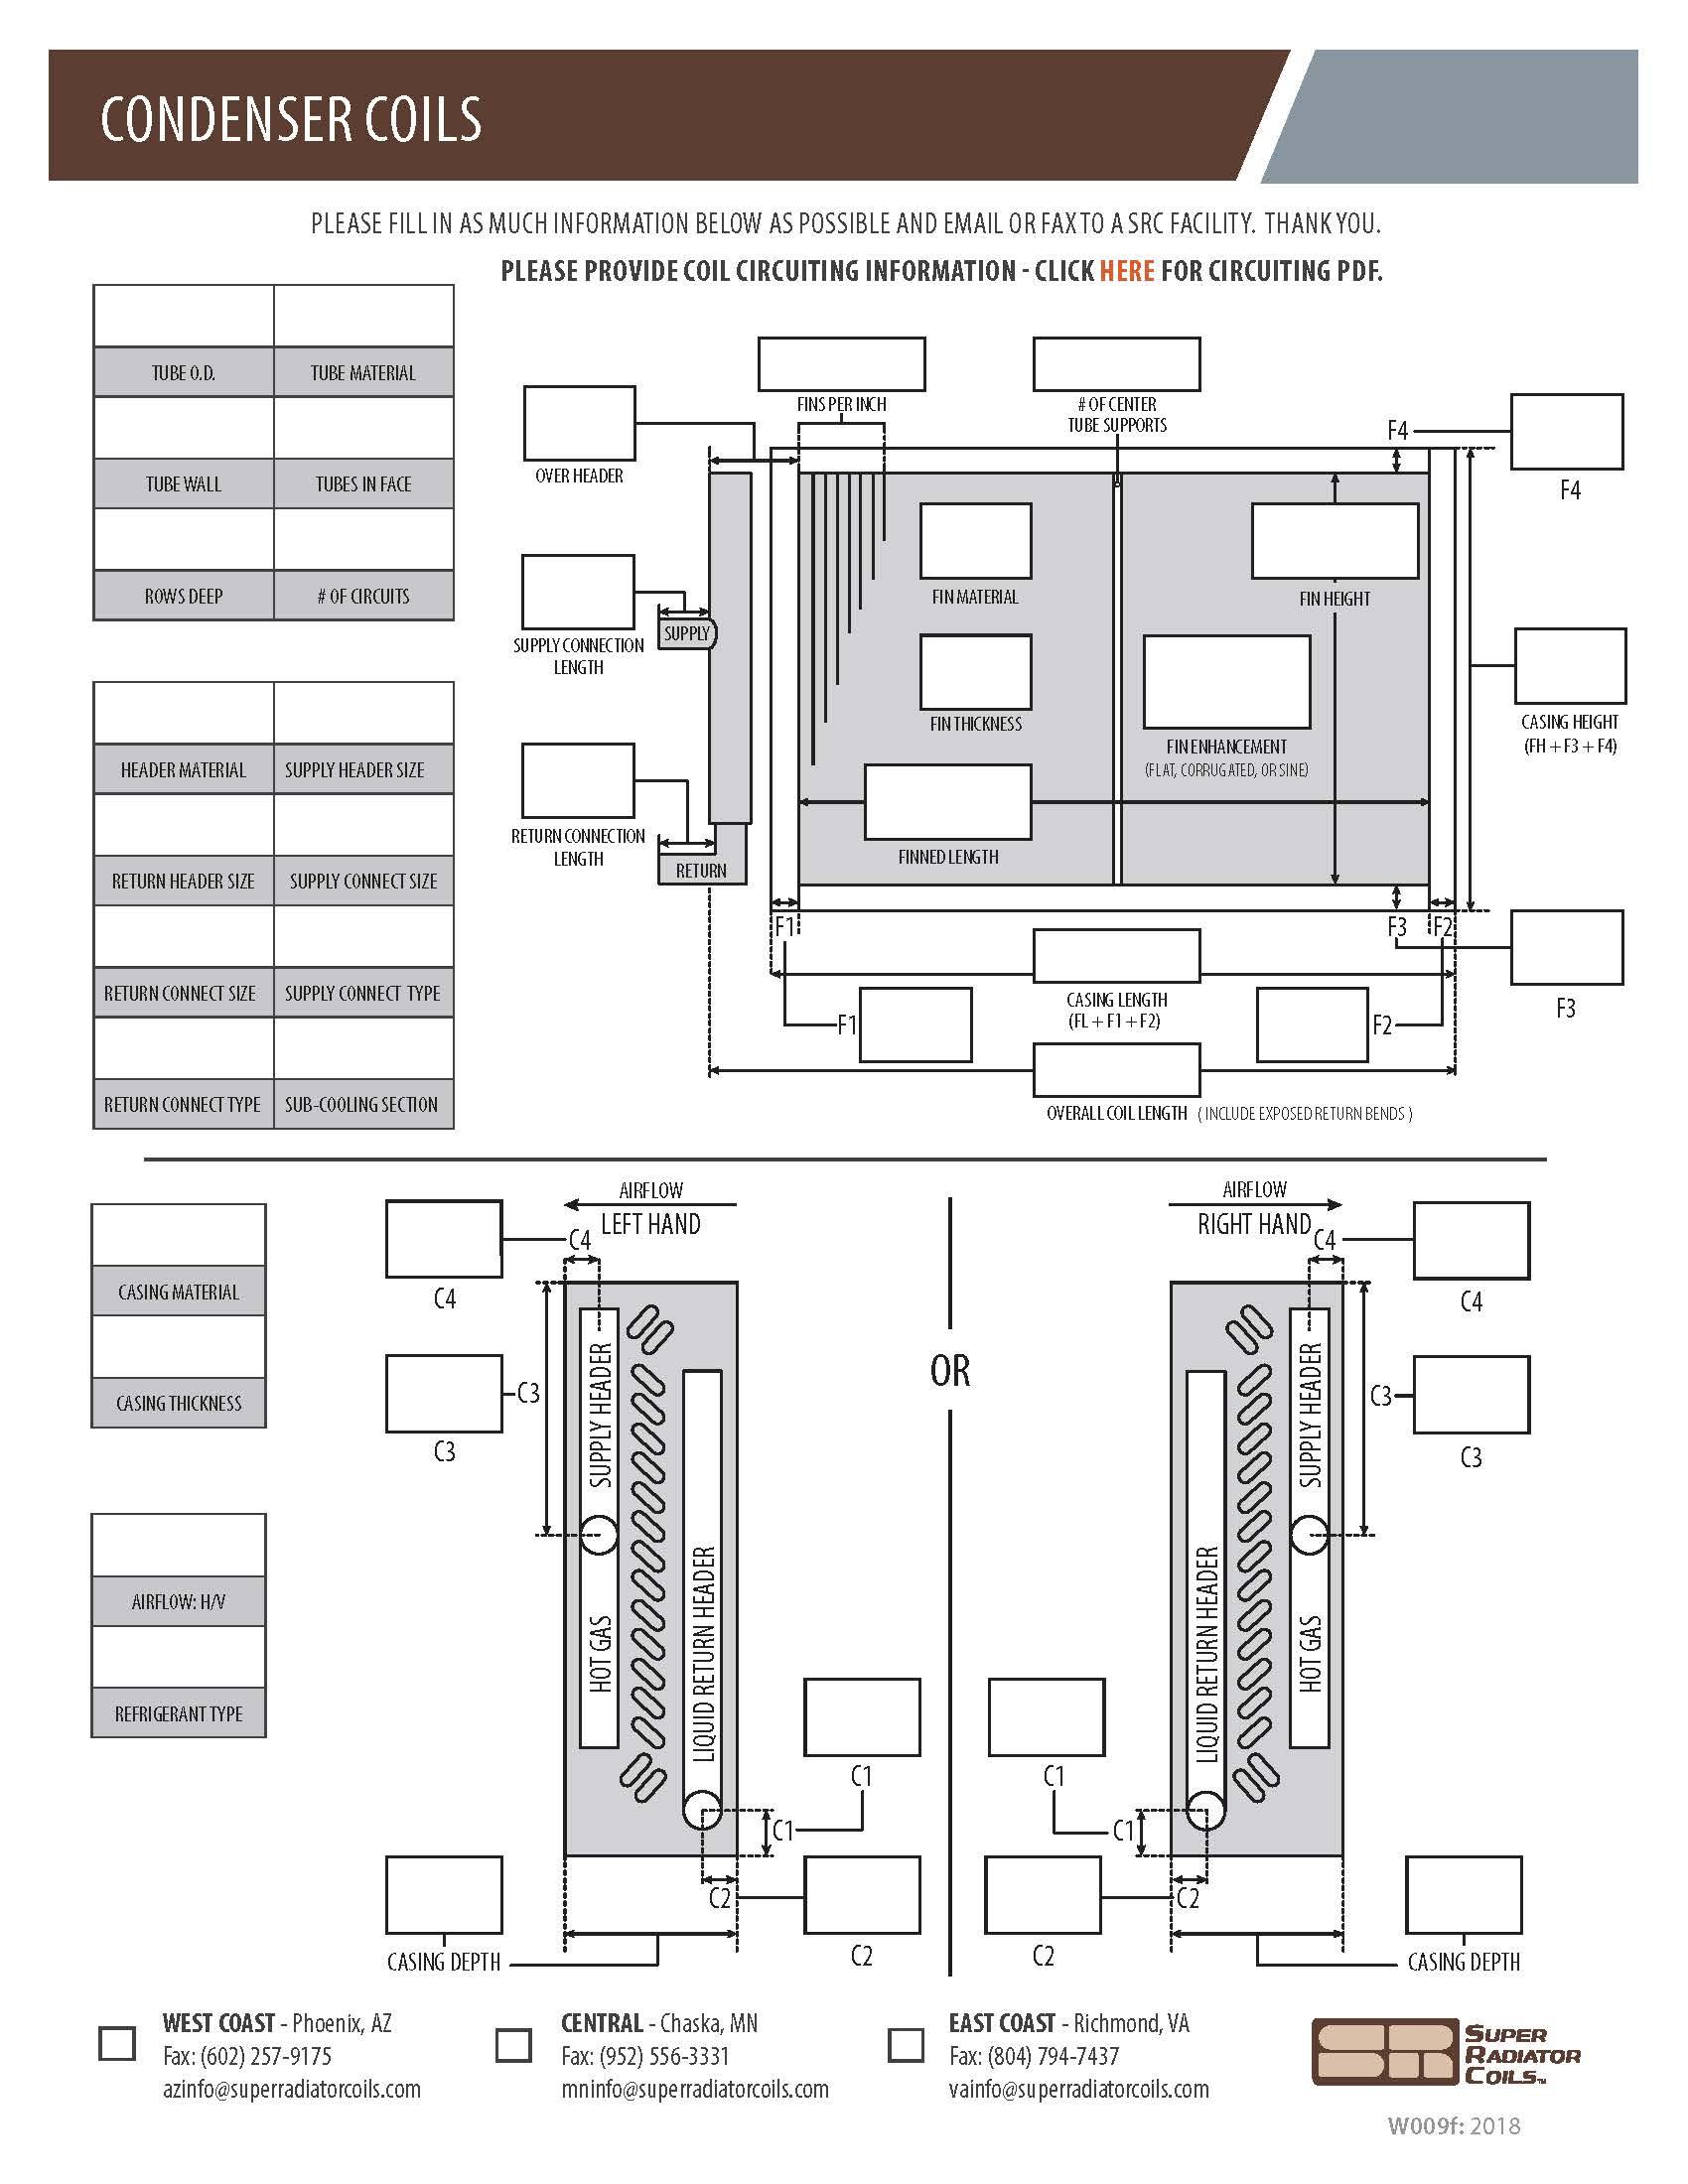 Condenser Coils Spec Sheet